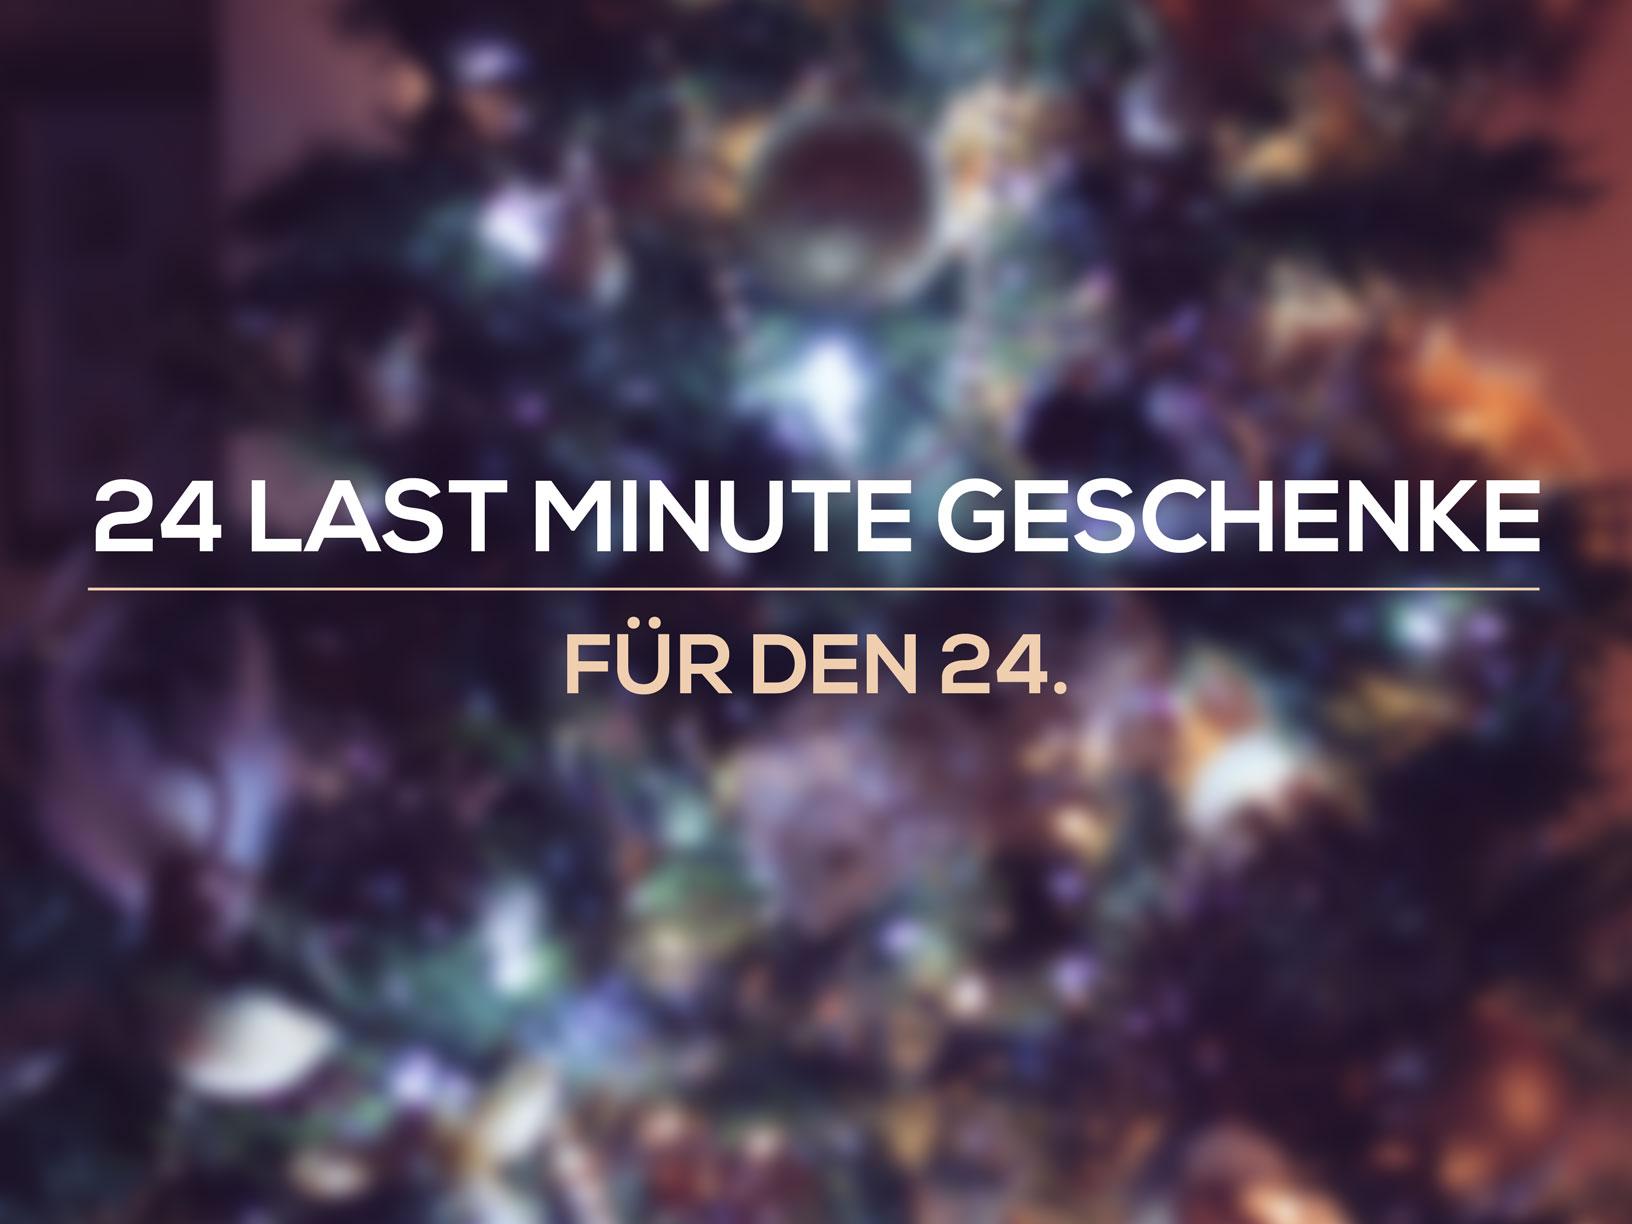 24 last minute Geschenke